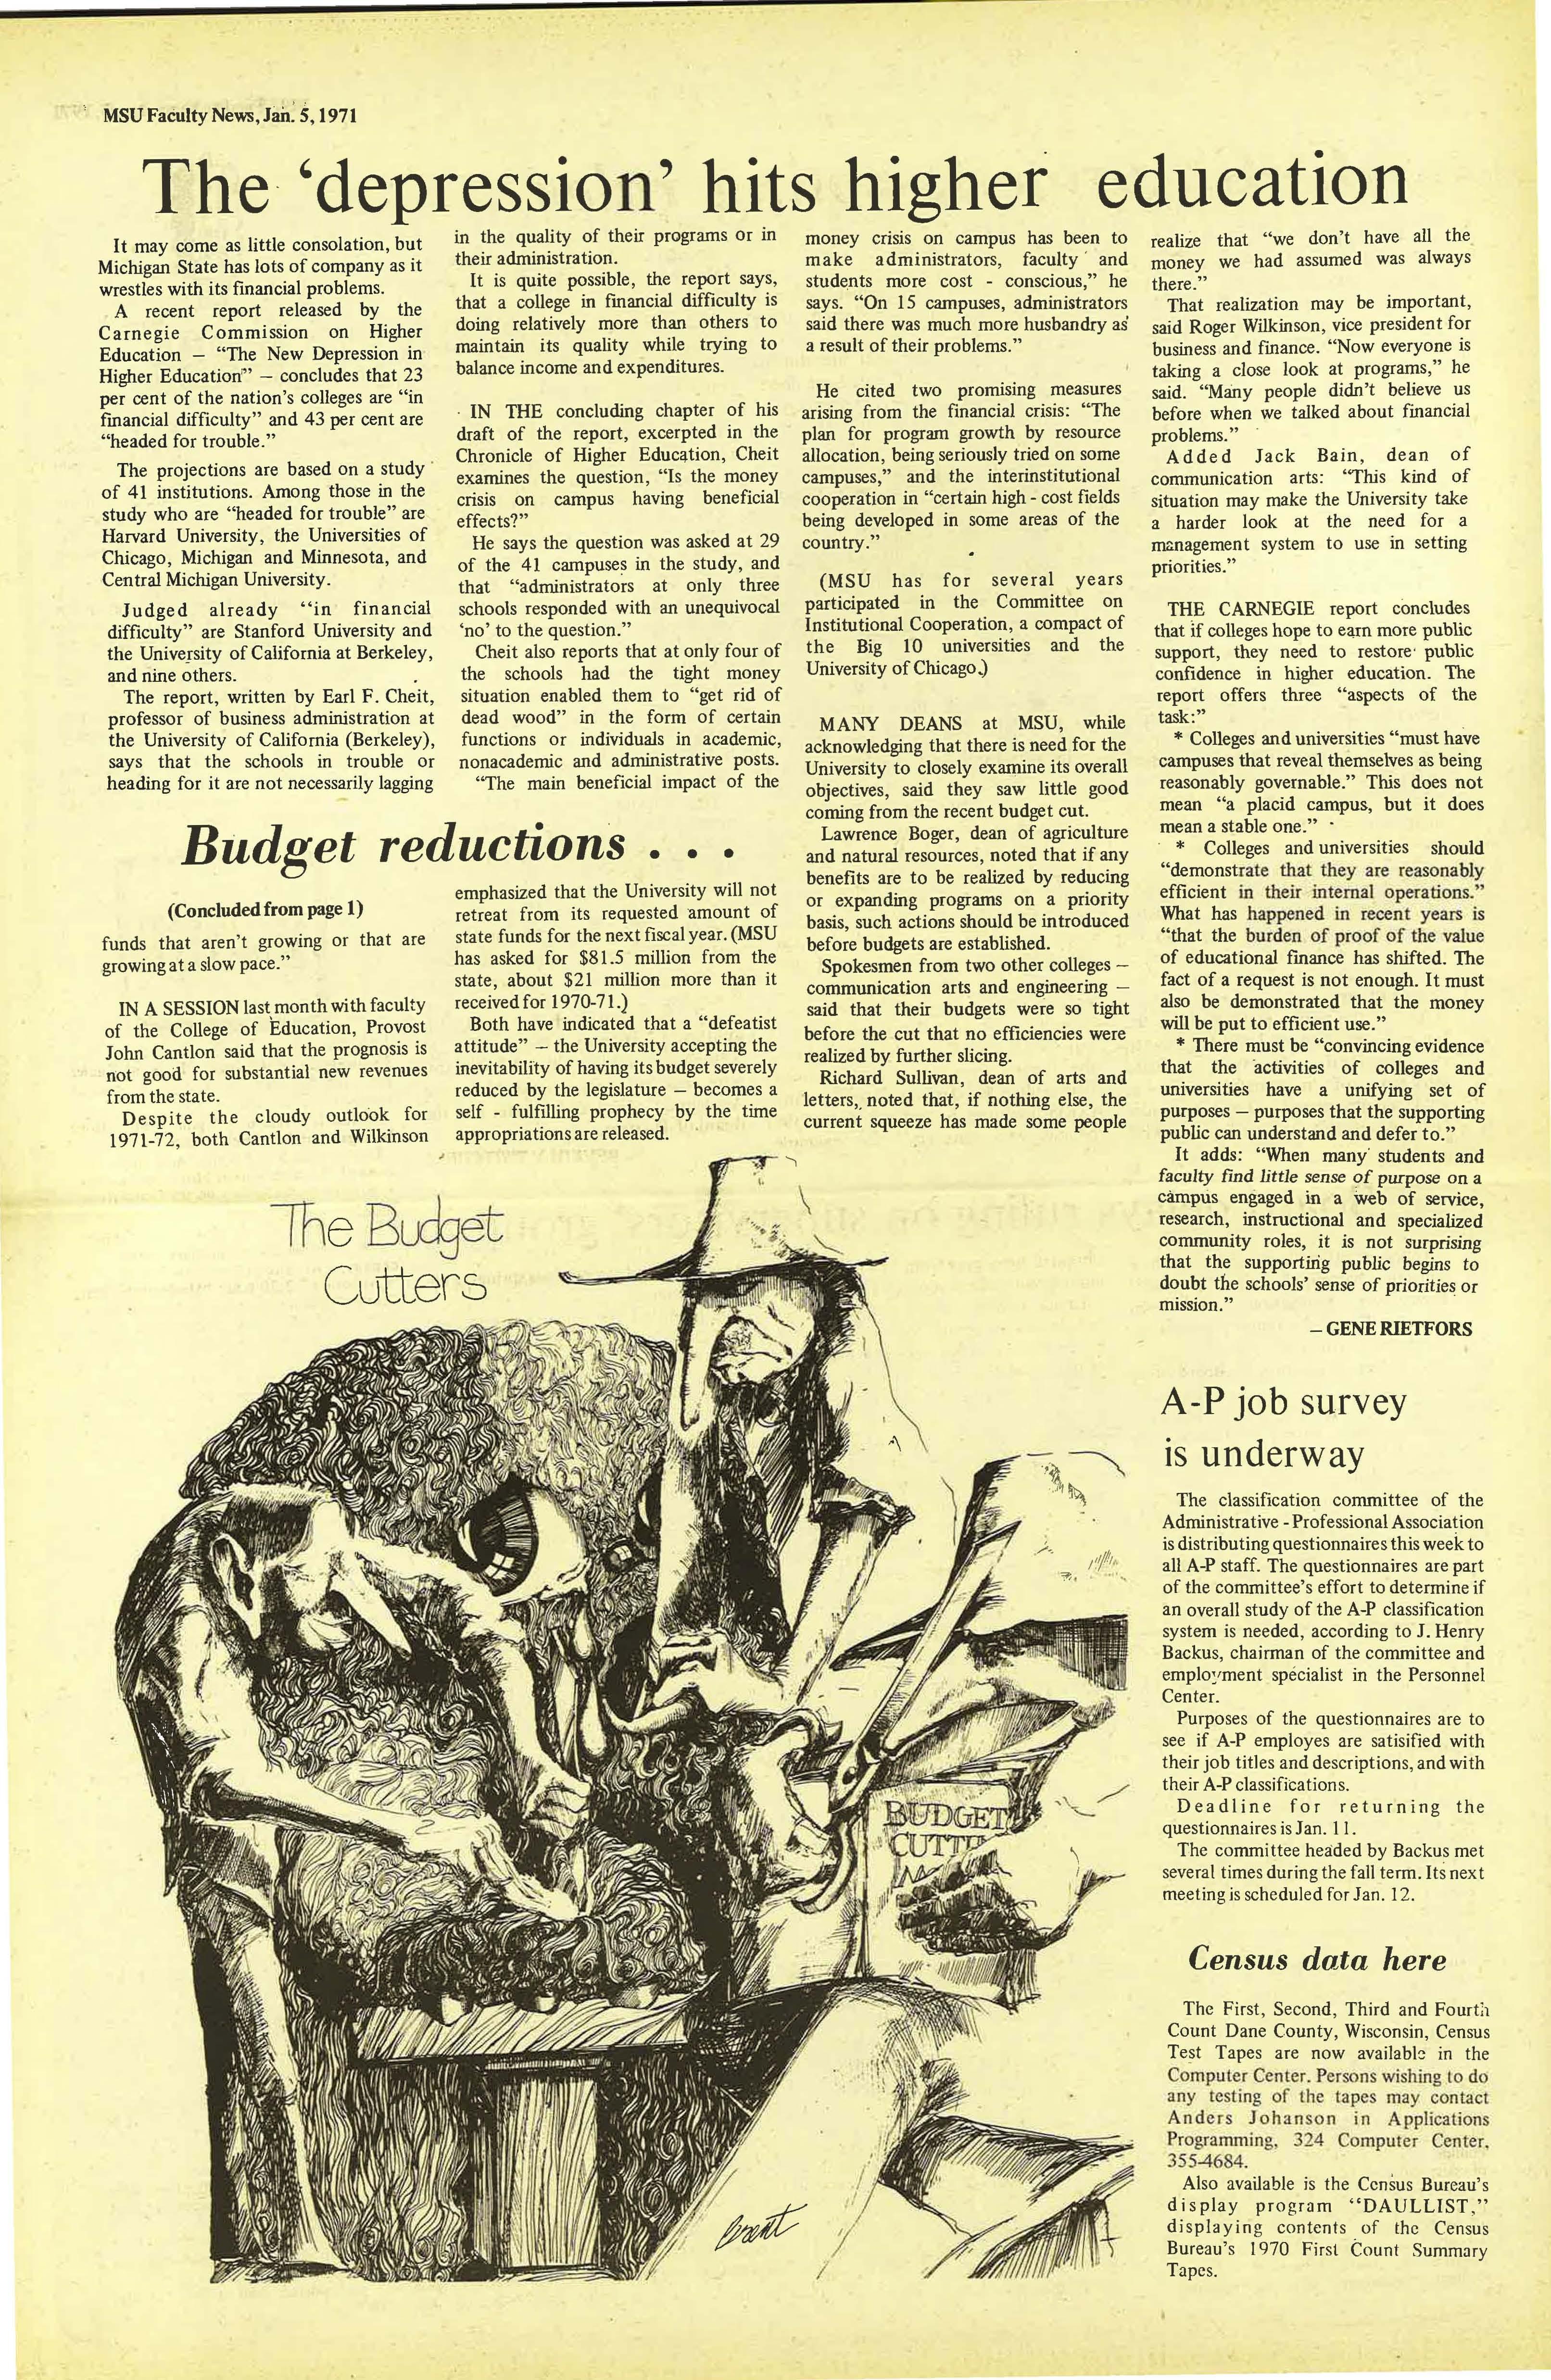 MSU News Bulletin, vol. 2, No. 23, April 15, 1971